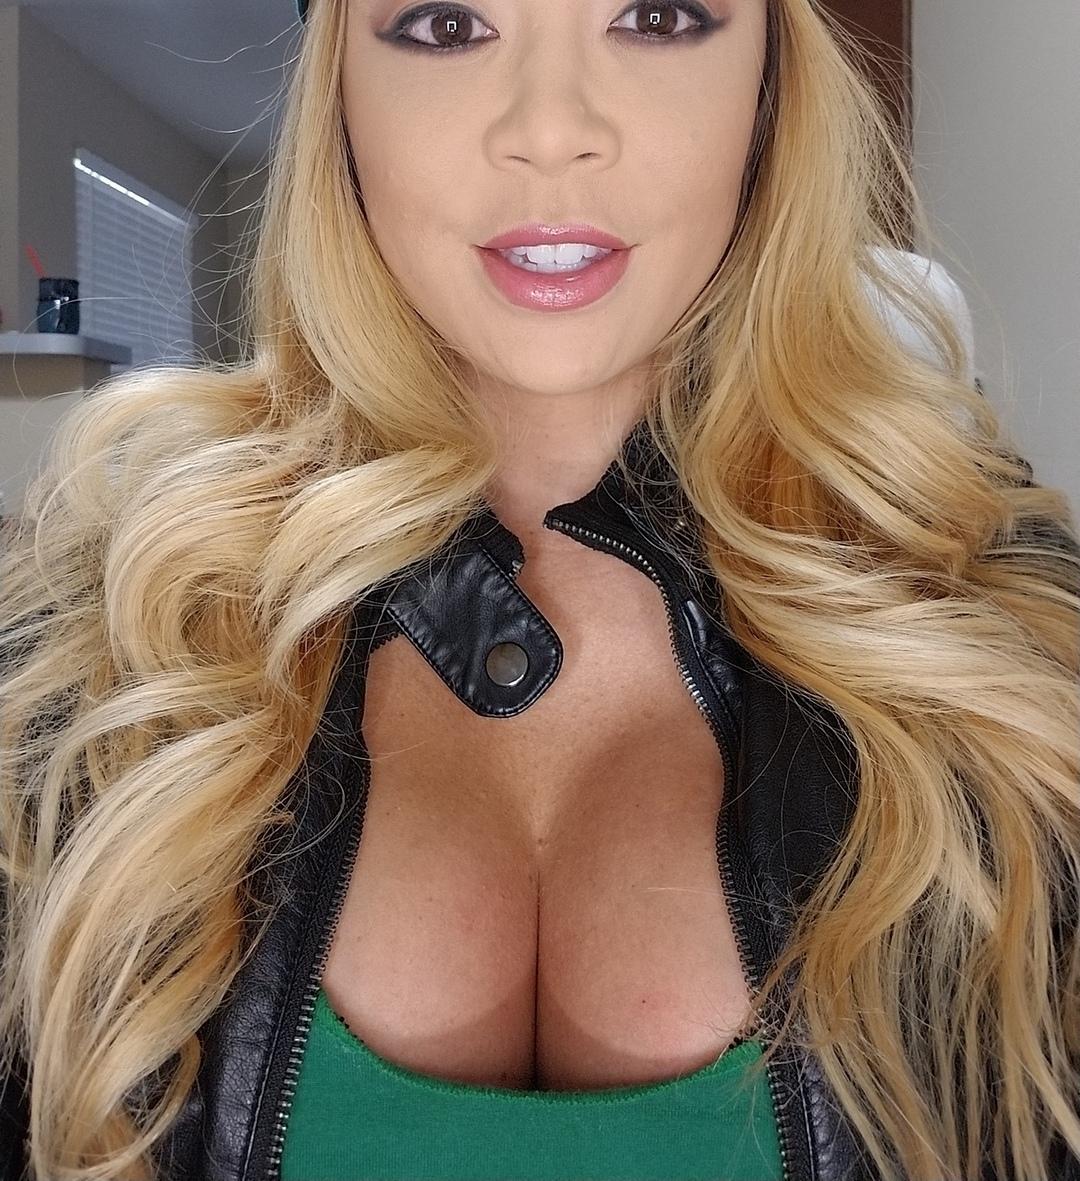 Mia Lelani Mialelanixxx Onlyfans Nudes Leaks 0031